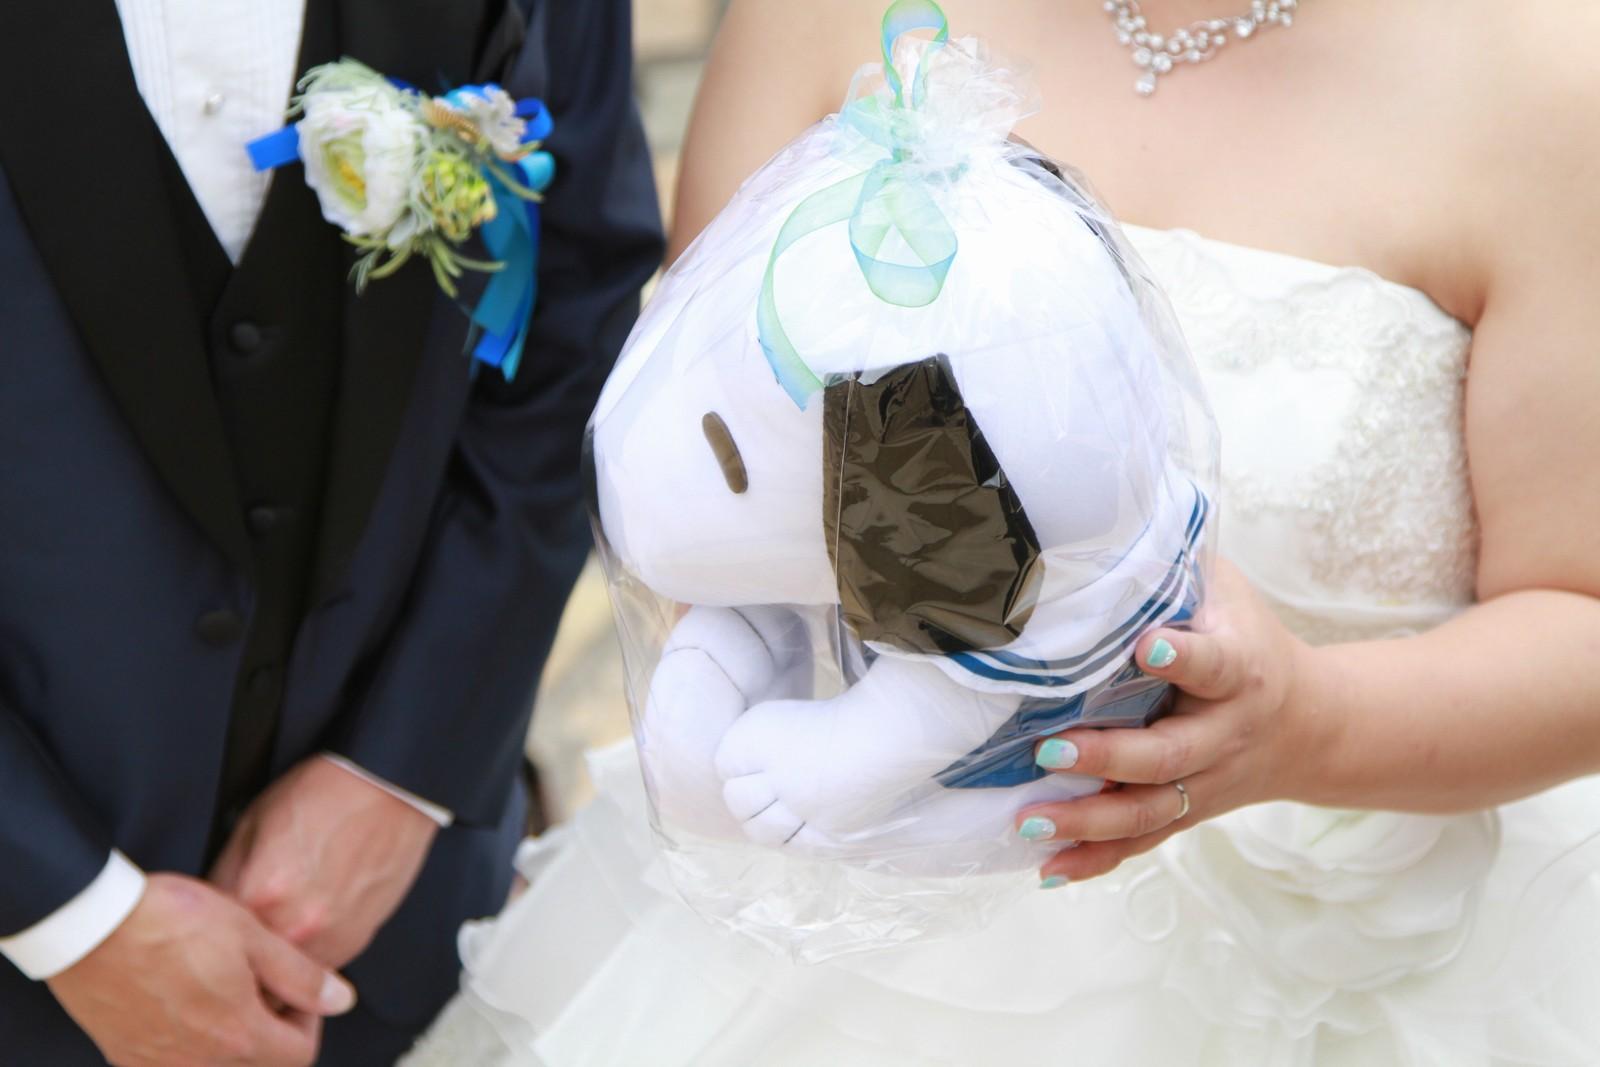 徳島市の結婚式場ブランアンジュのセレモニーでお子様にプレゼント